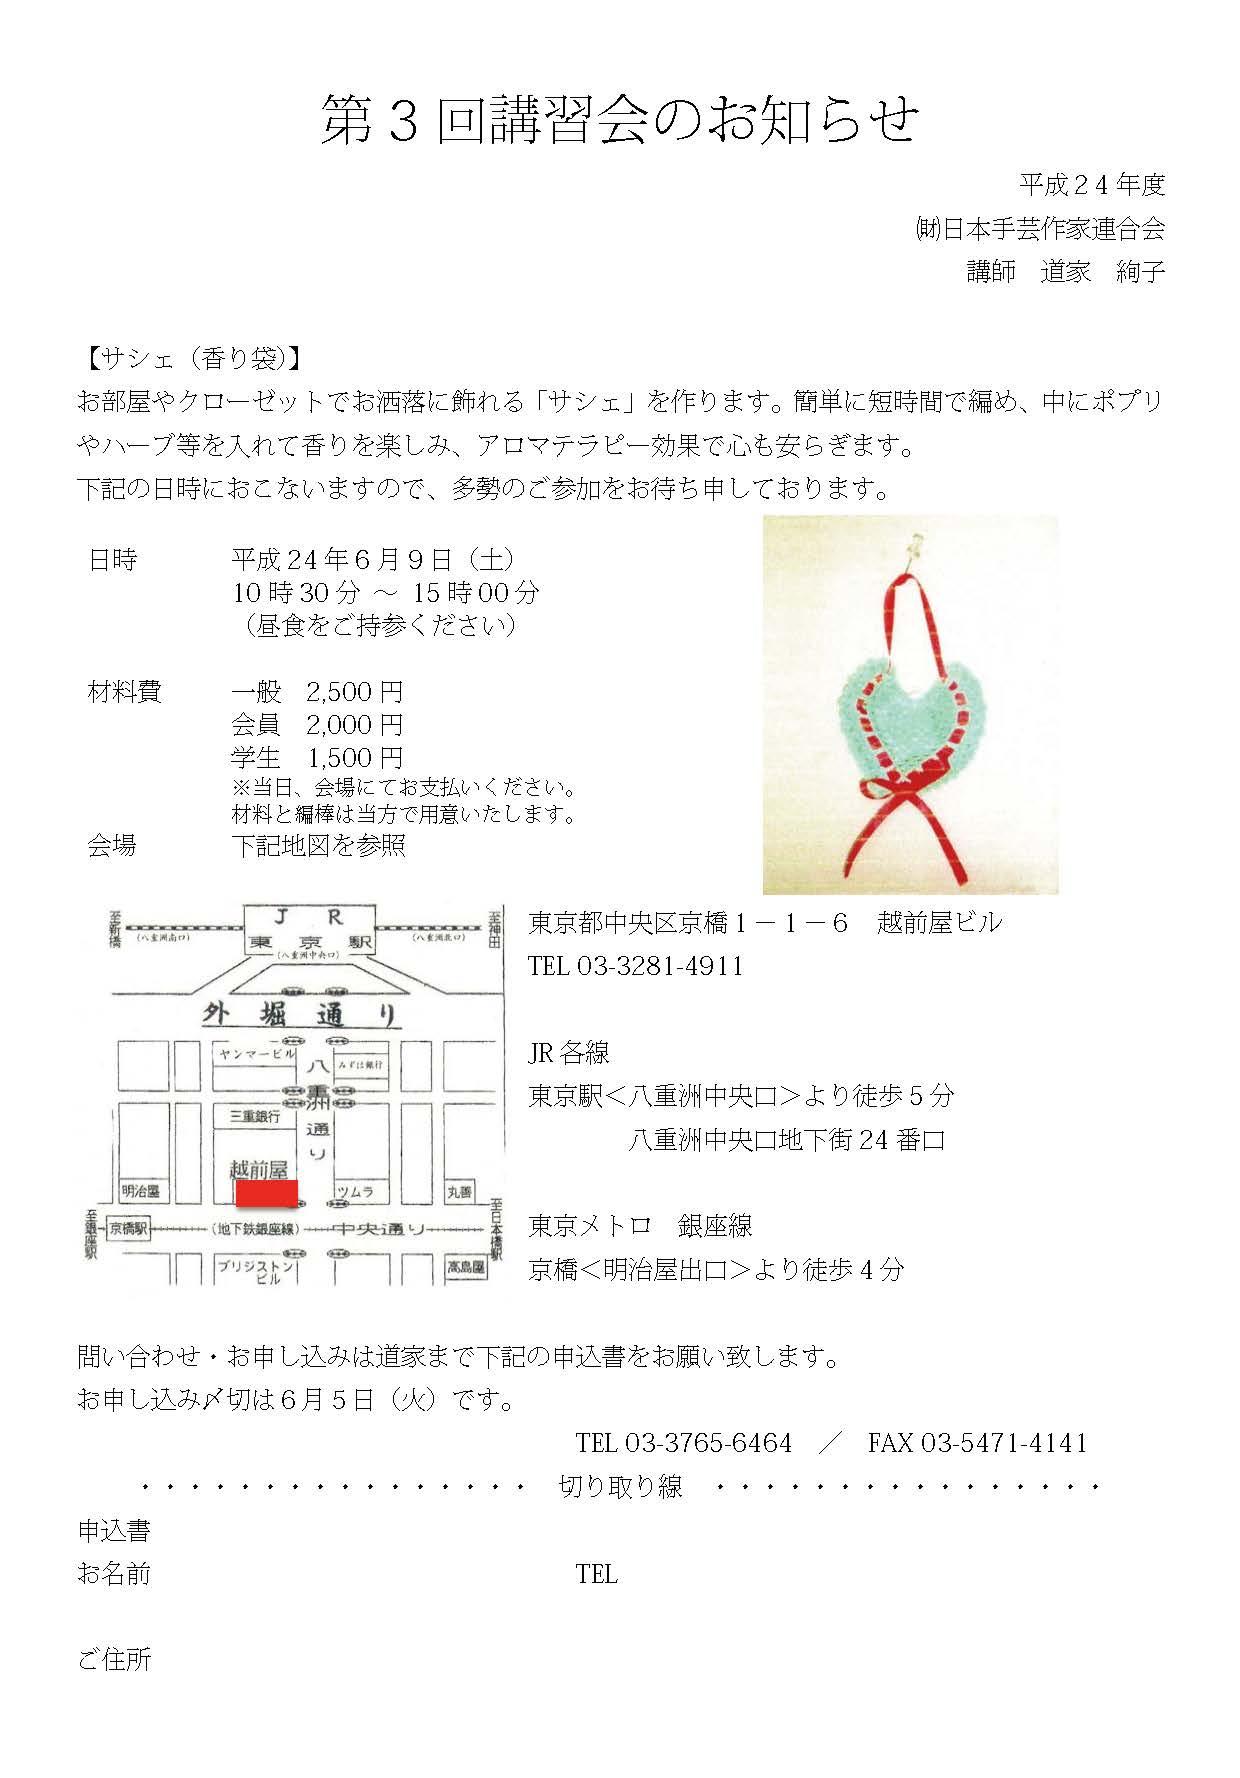 kousyukai-20120609